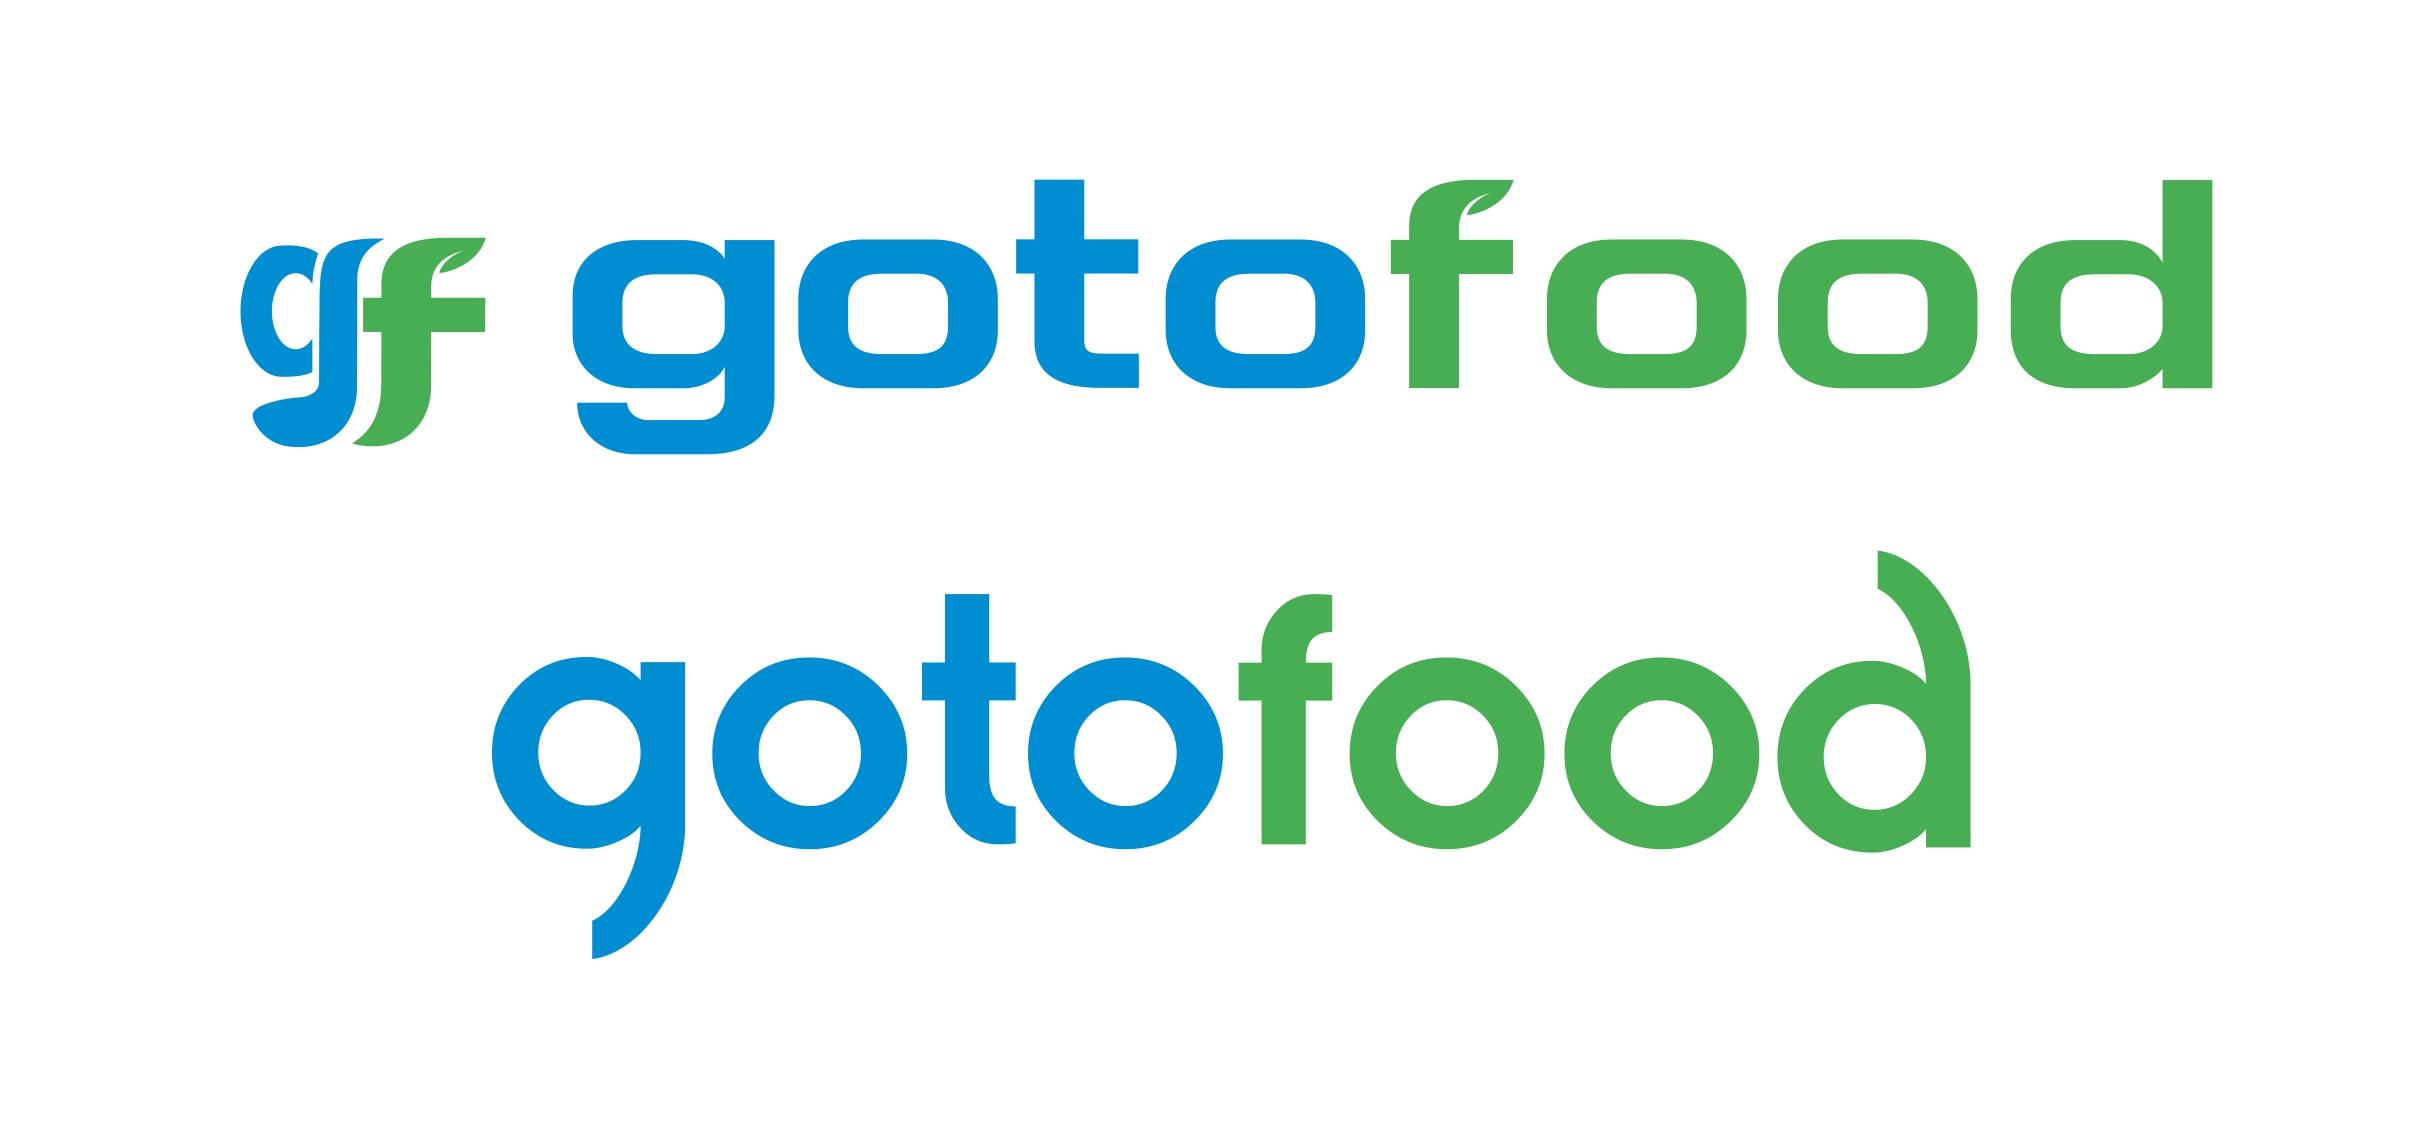 Логотип интернет-магазина здоровой еды фото f_6145cd7452c71e77.jpg